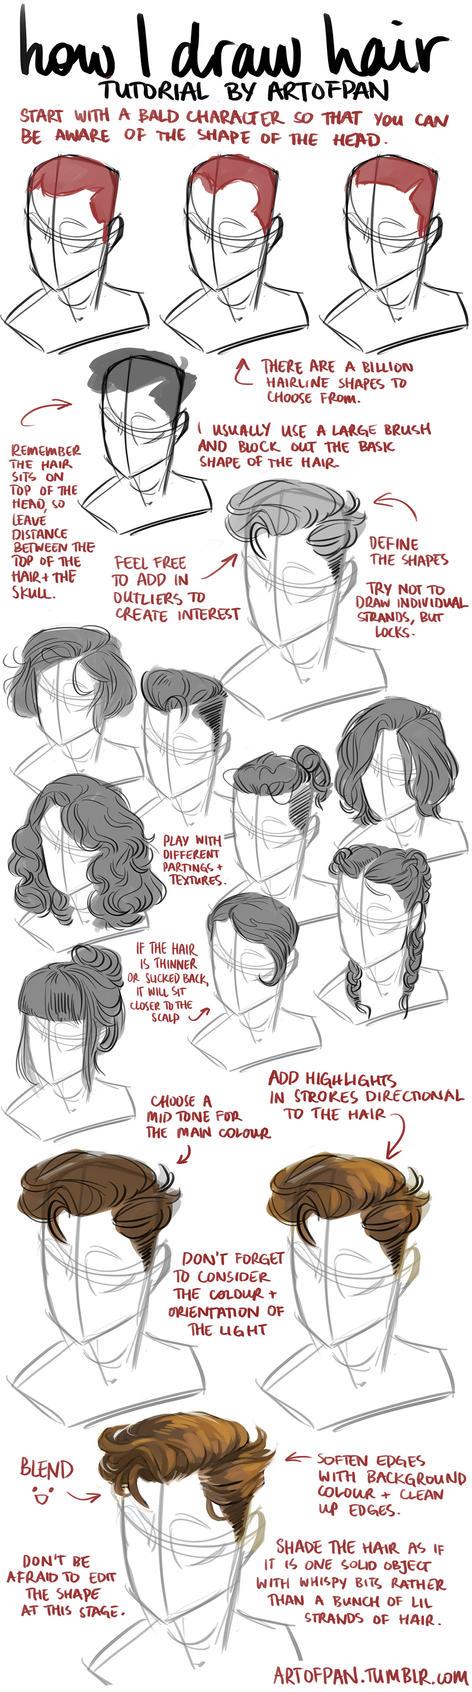 Hair Tutorial by artofpan